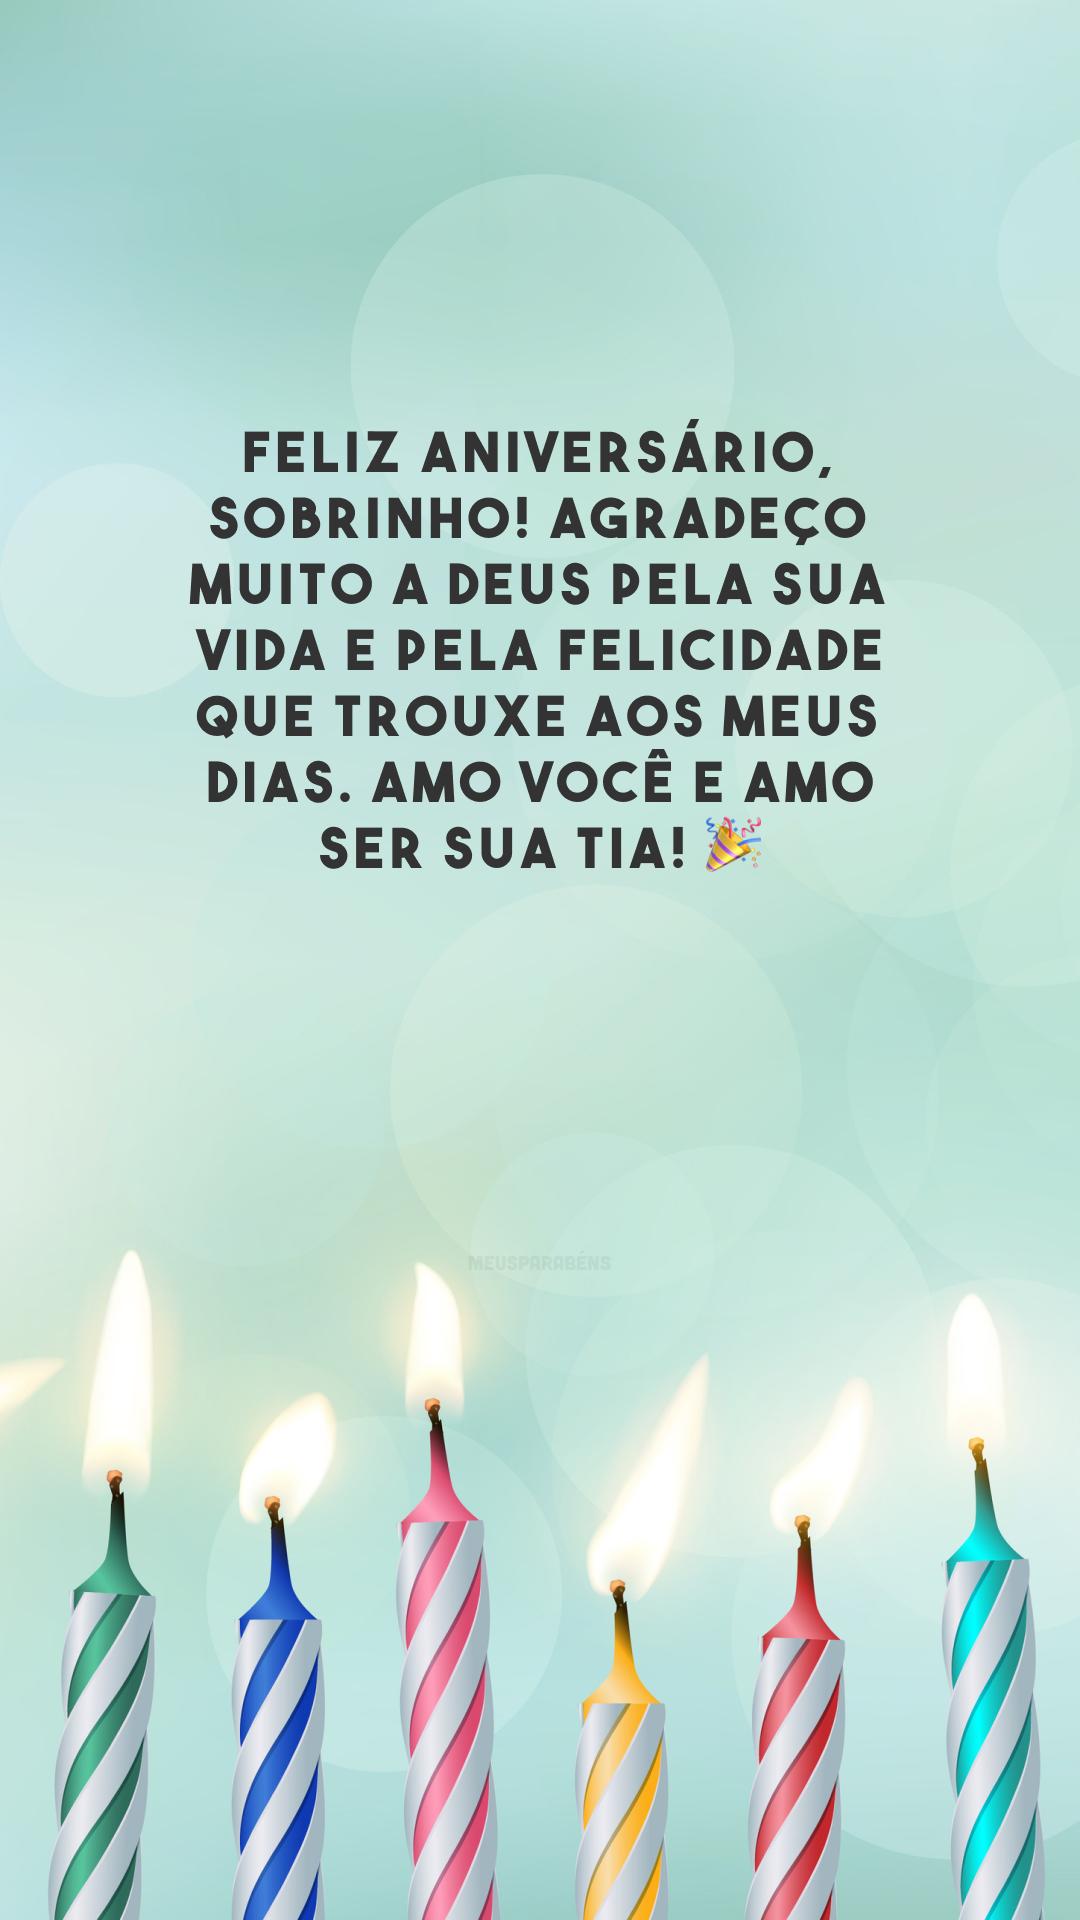 Feliz aniversário, sobrinho! Agradeço muito a Deus pela sua vida e pela felicidade que trouxe aos meus dias. Amo você e amo ser sua tia! 🎉